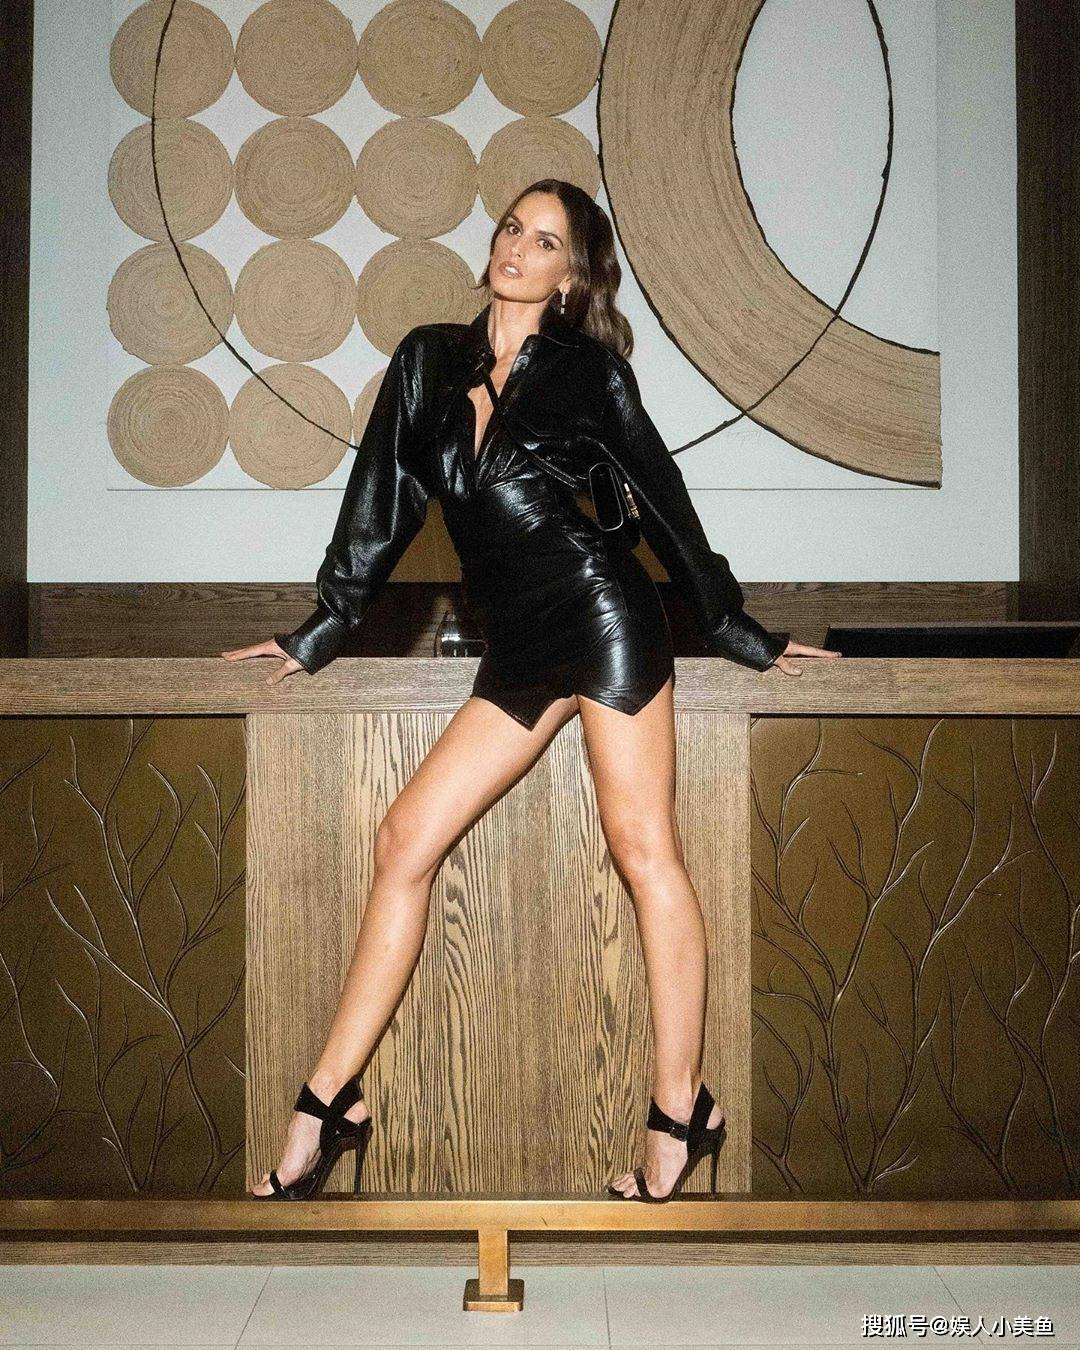 巴西超模,紧致线条,马甲线,大长腿令人艳羡